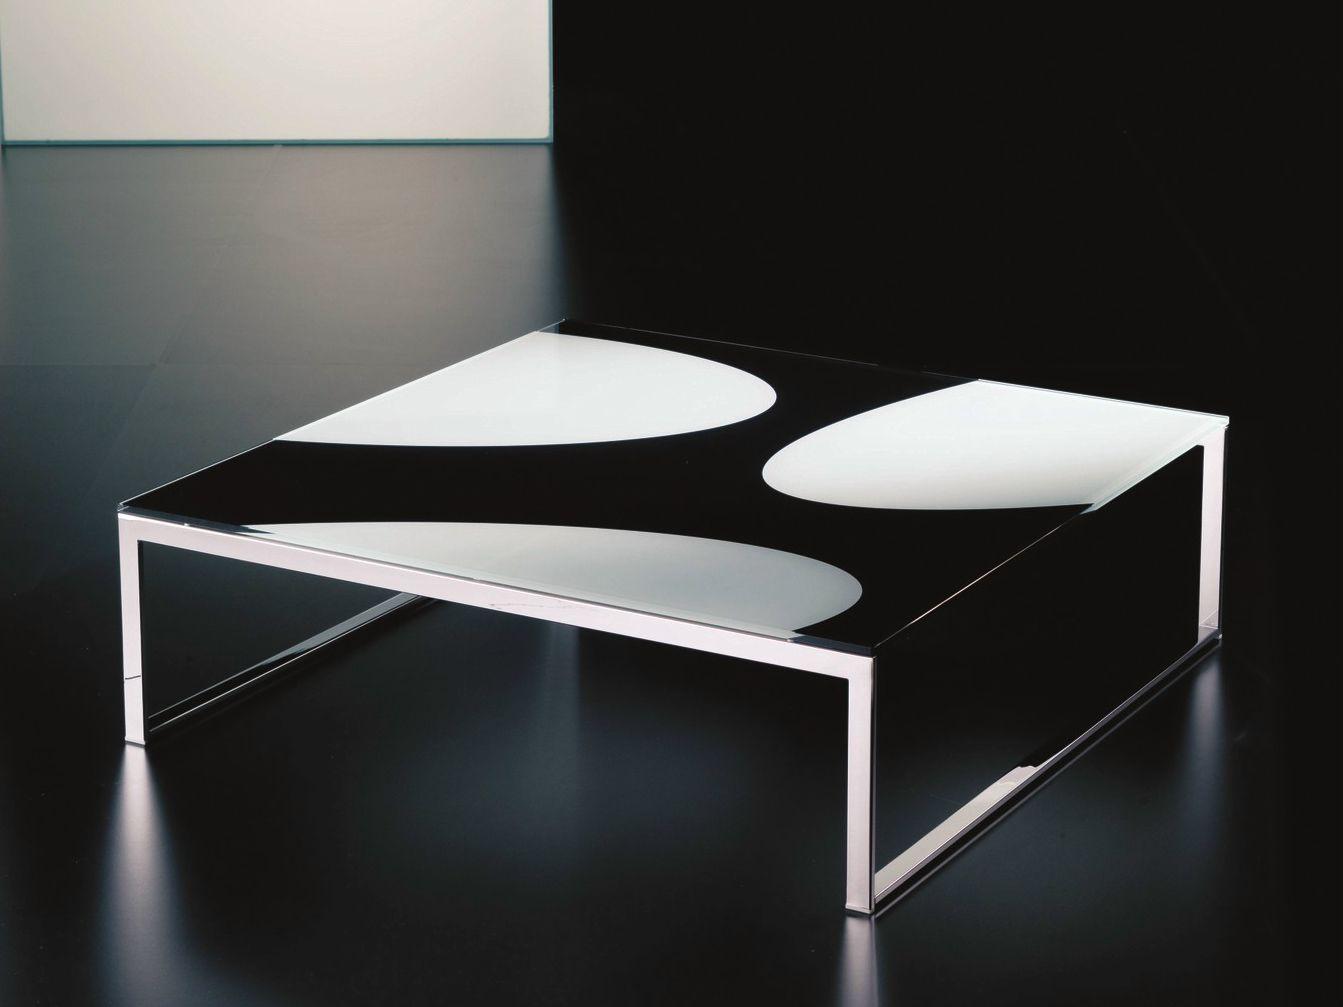 Tavolini Tavolino Basso Quadrato O Rettangolare Pianca ...